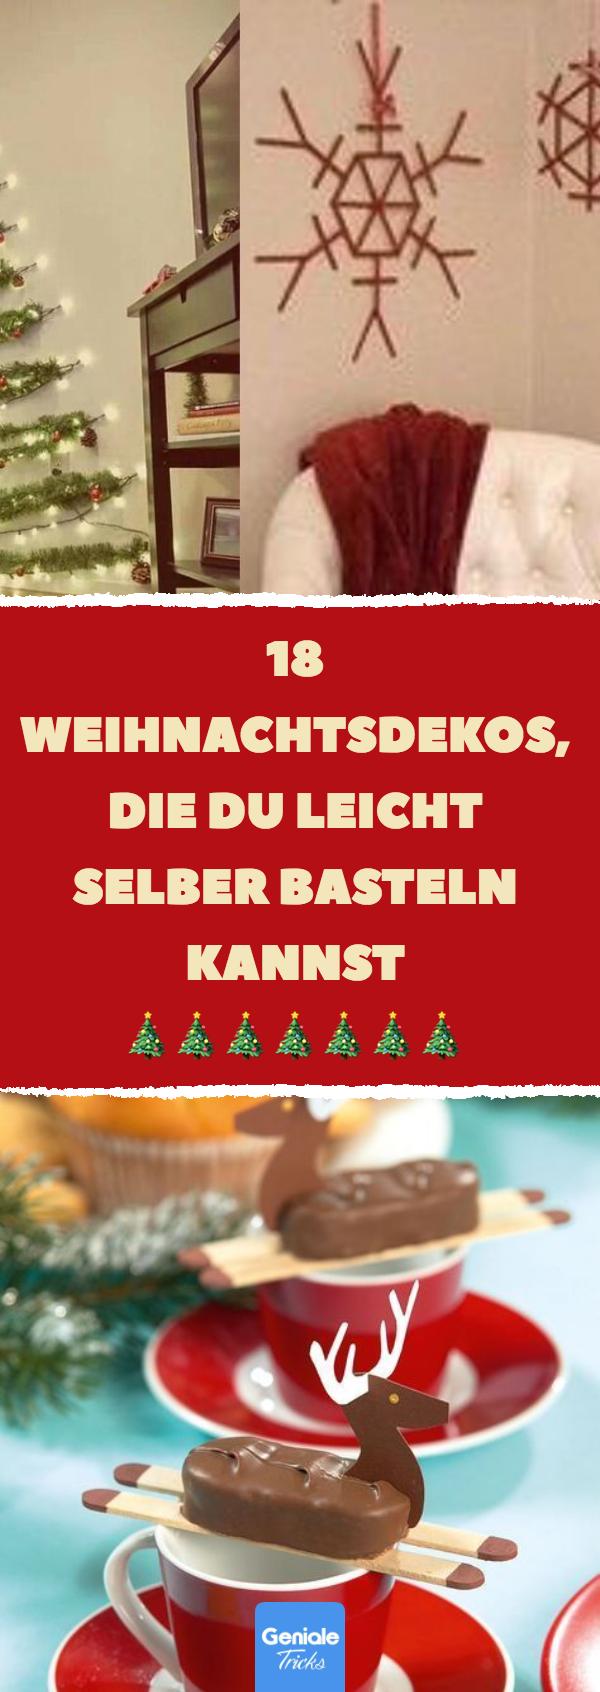 18 Weihnachtsdekos, die du leicht selber basteln kannst. #weihnachten #diy #deko #dekoration #schmuck #basteln #erhöhtepflanzbeete